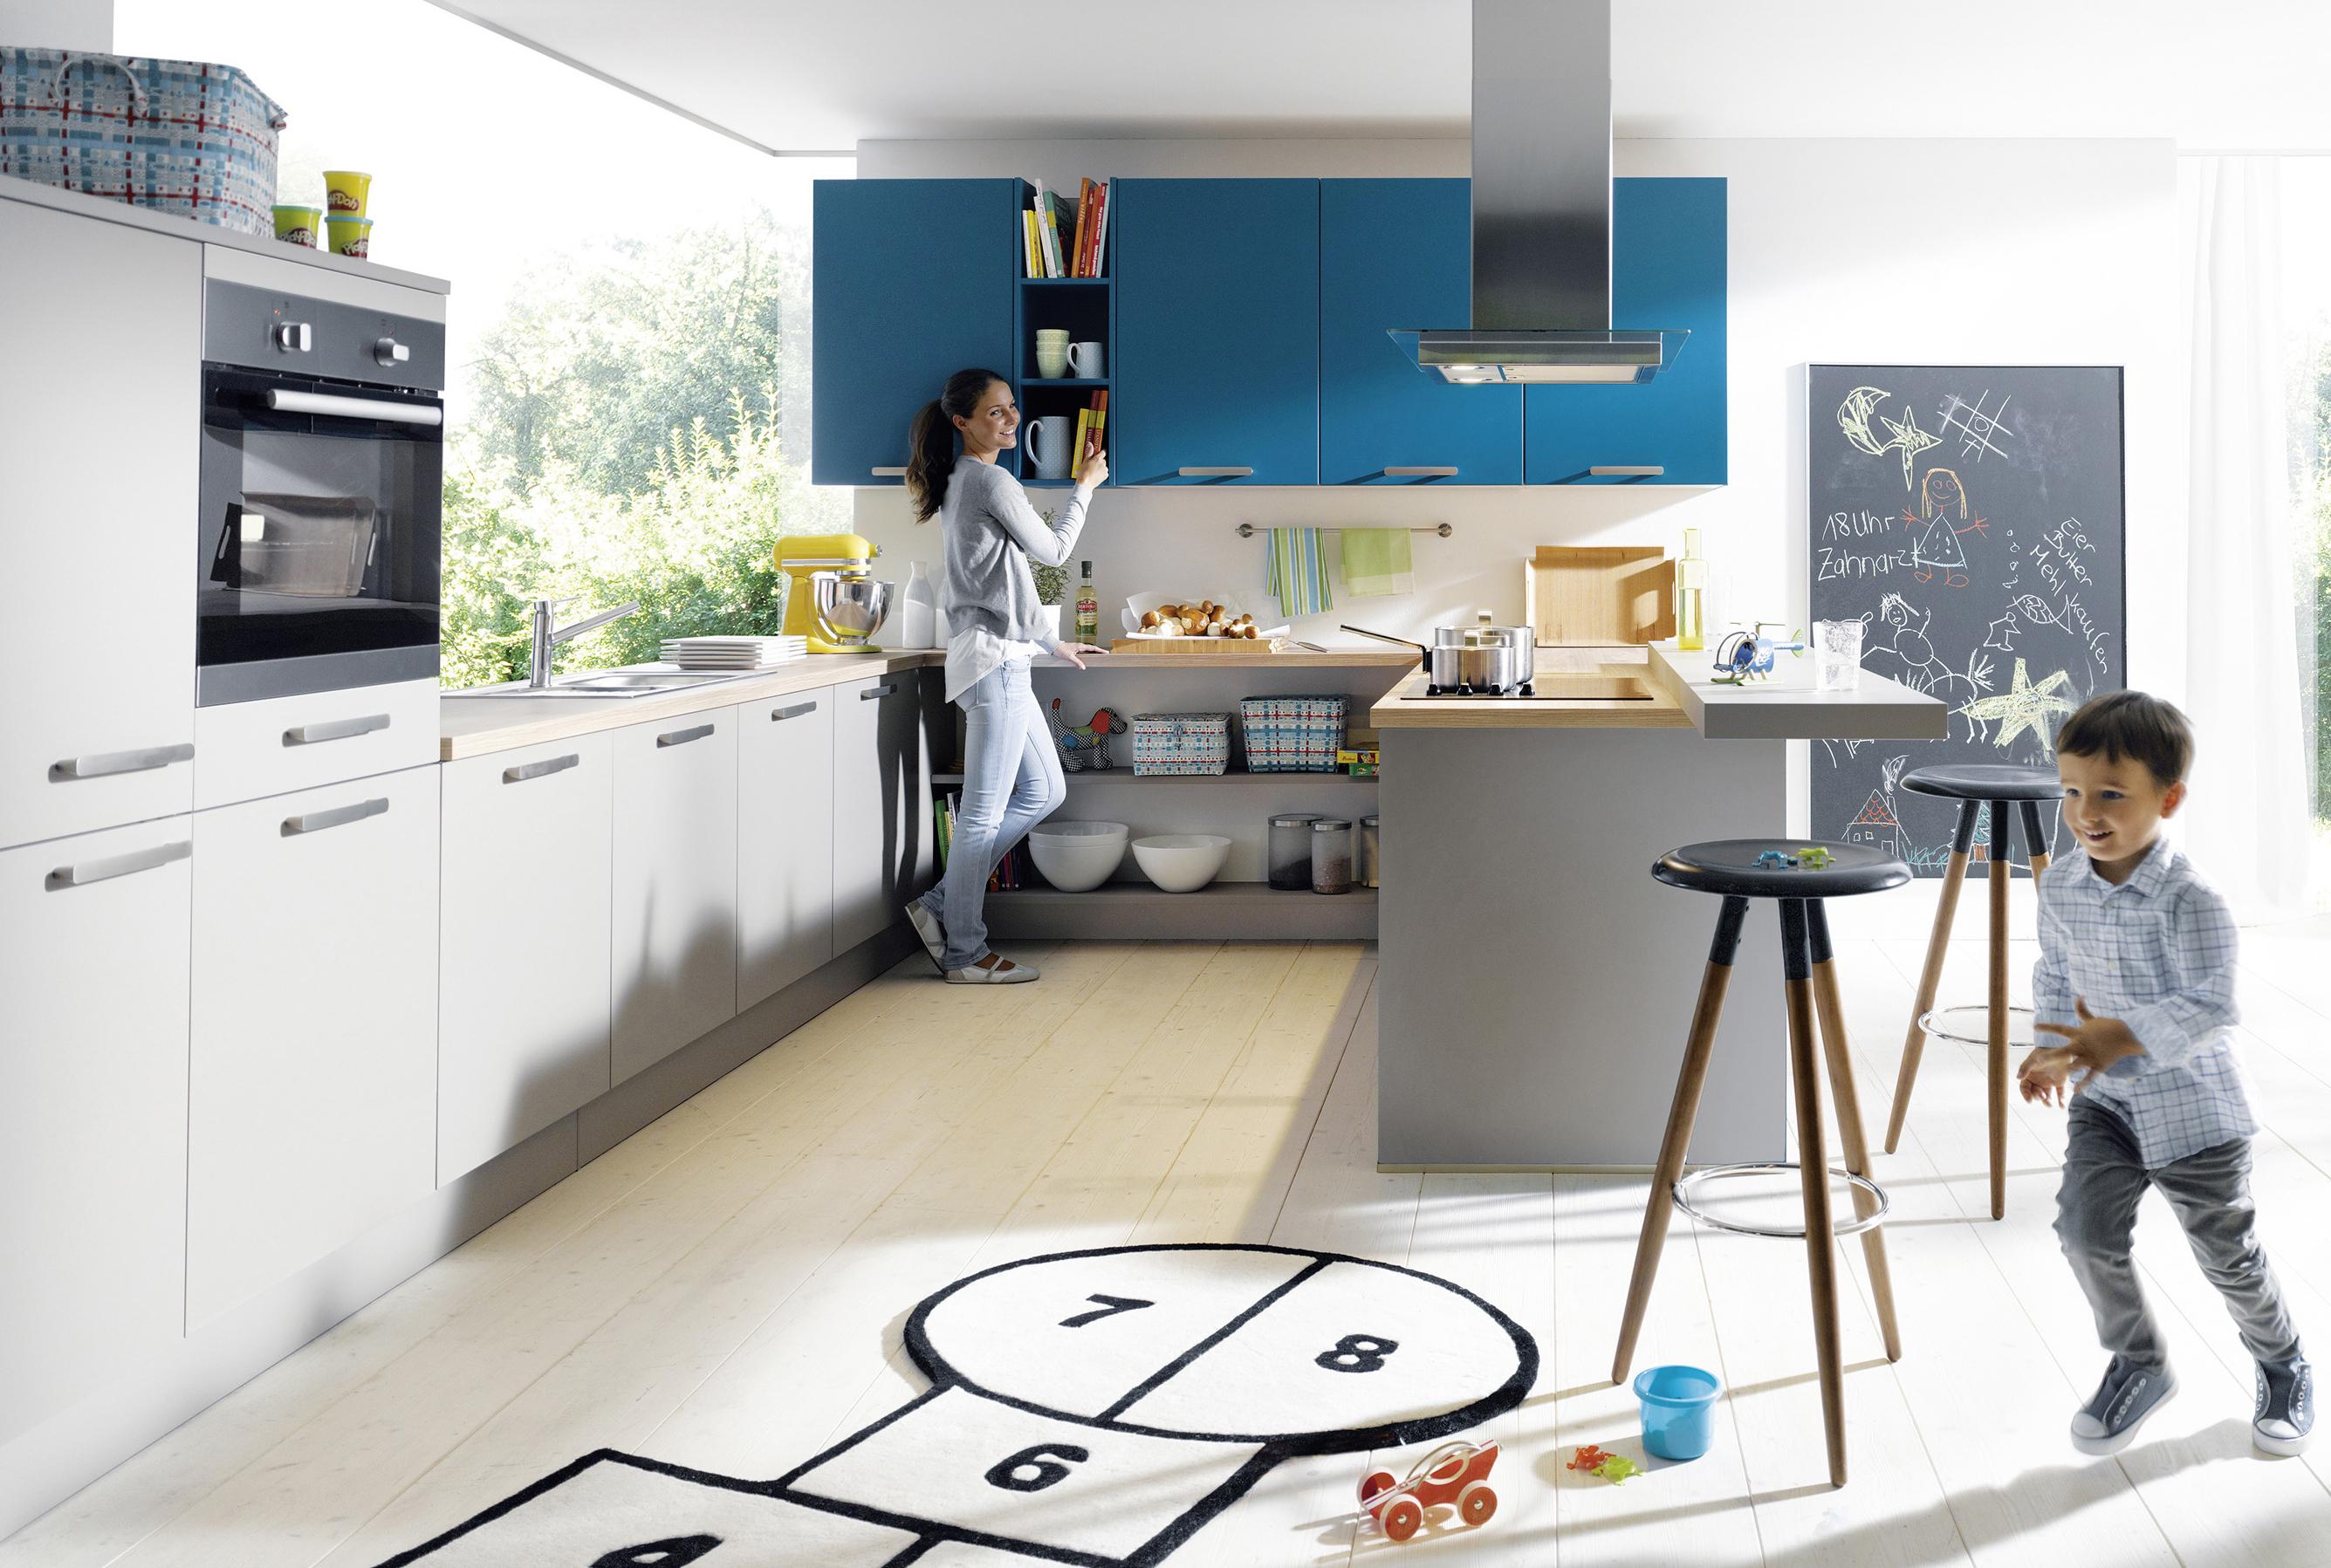 17972671 Küchen Farbgestaltung Und Farben Für Küchen Fotos, Beispiele,  Ideen Und Design #2F6786